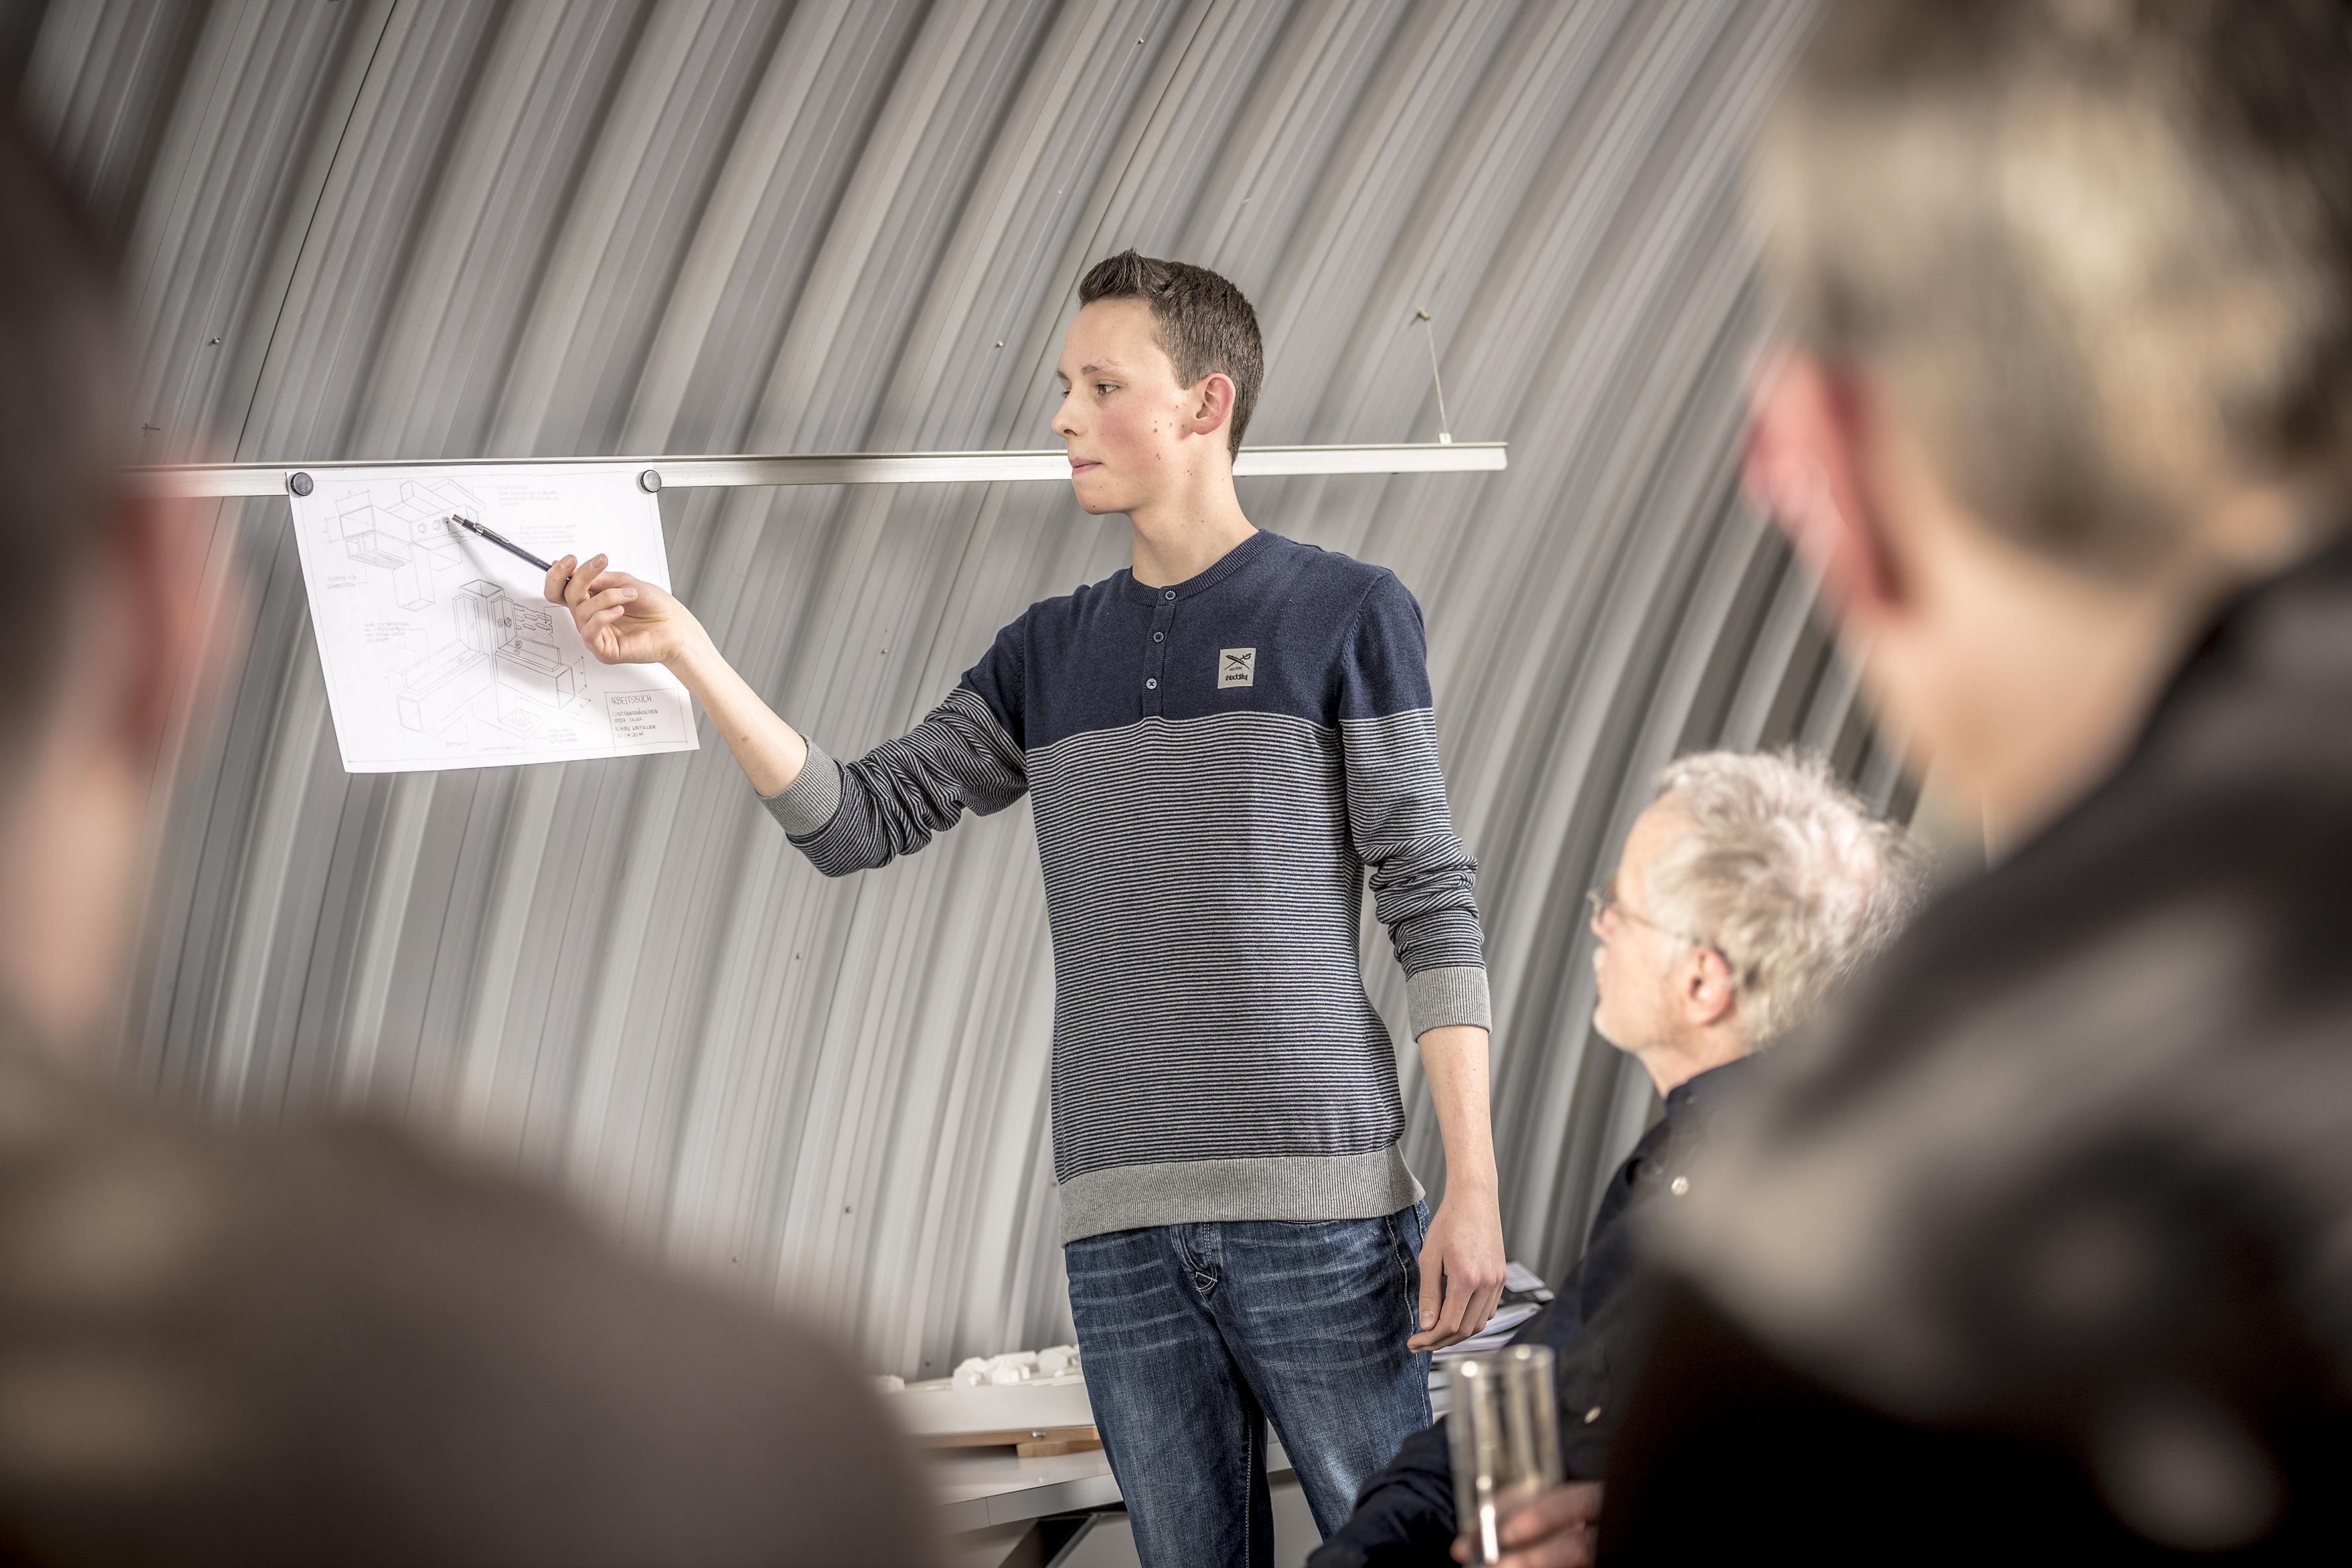 Freie lehrstelle als zeichner in efz architektur 2017 for Lehrstelle als innendekorateurin